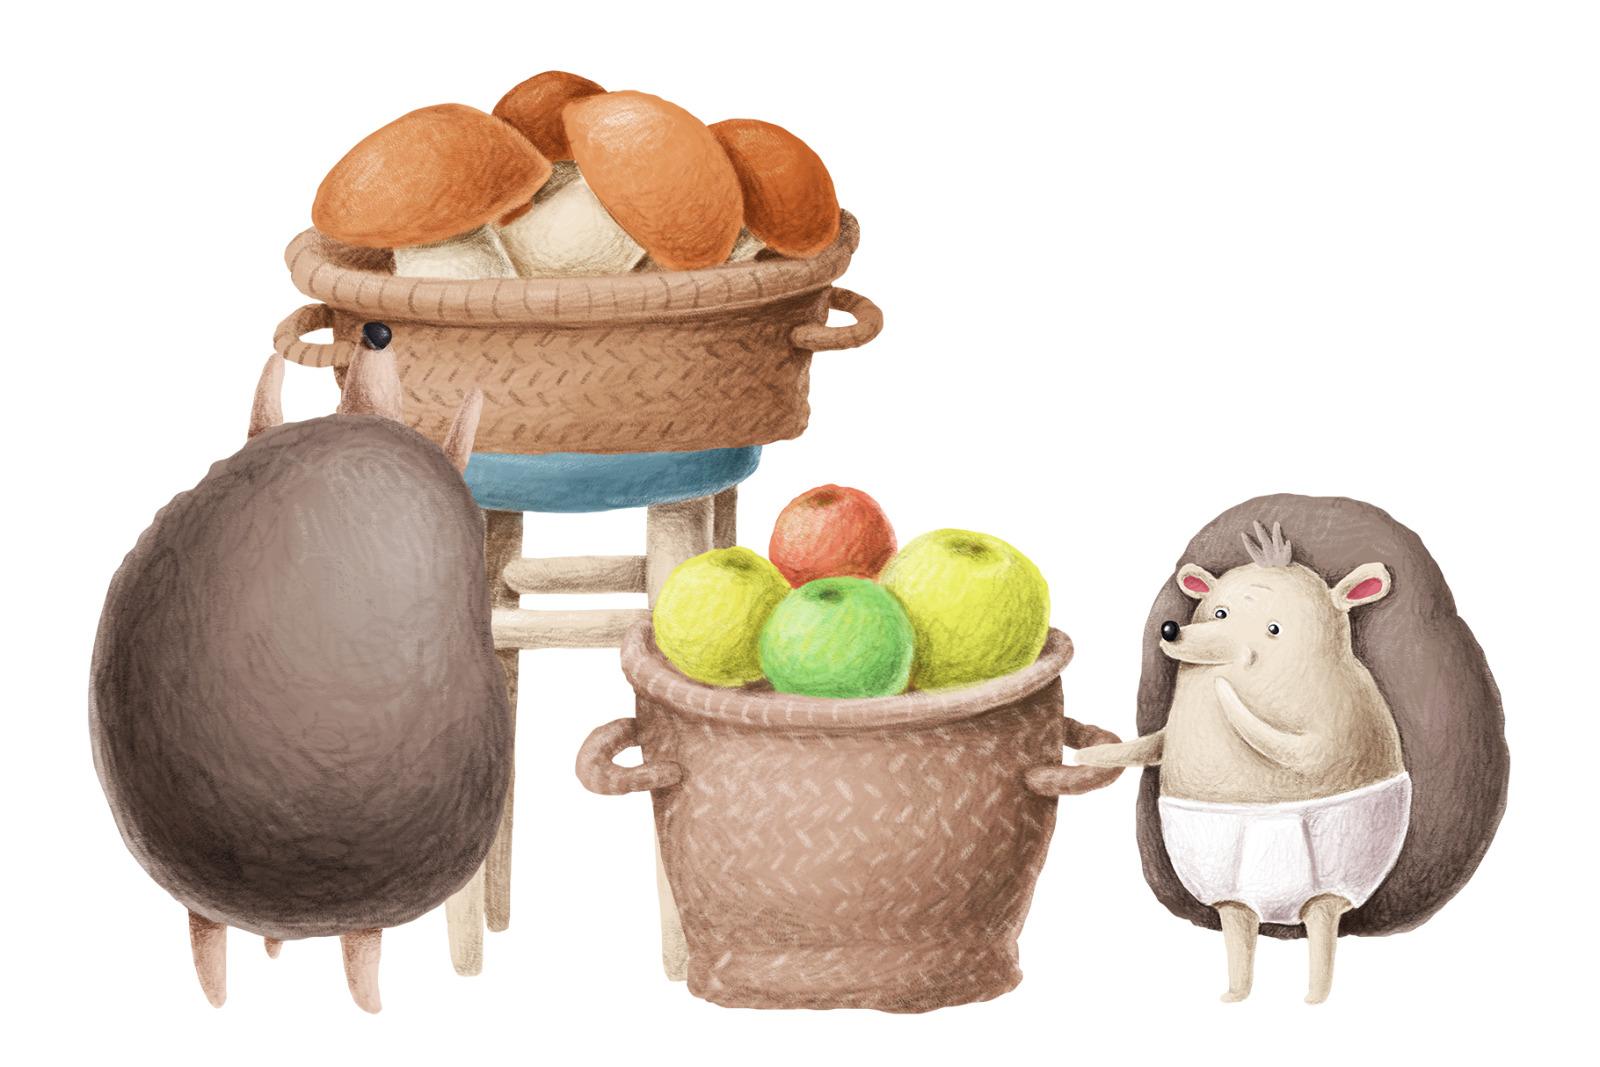 Hedgehog family scene creation kit